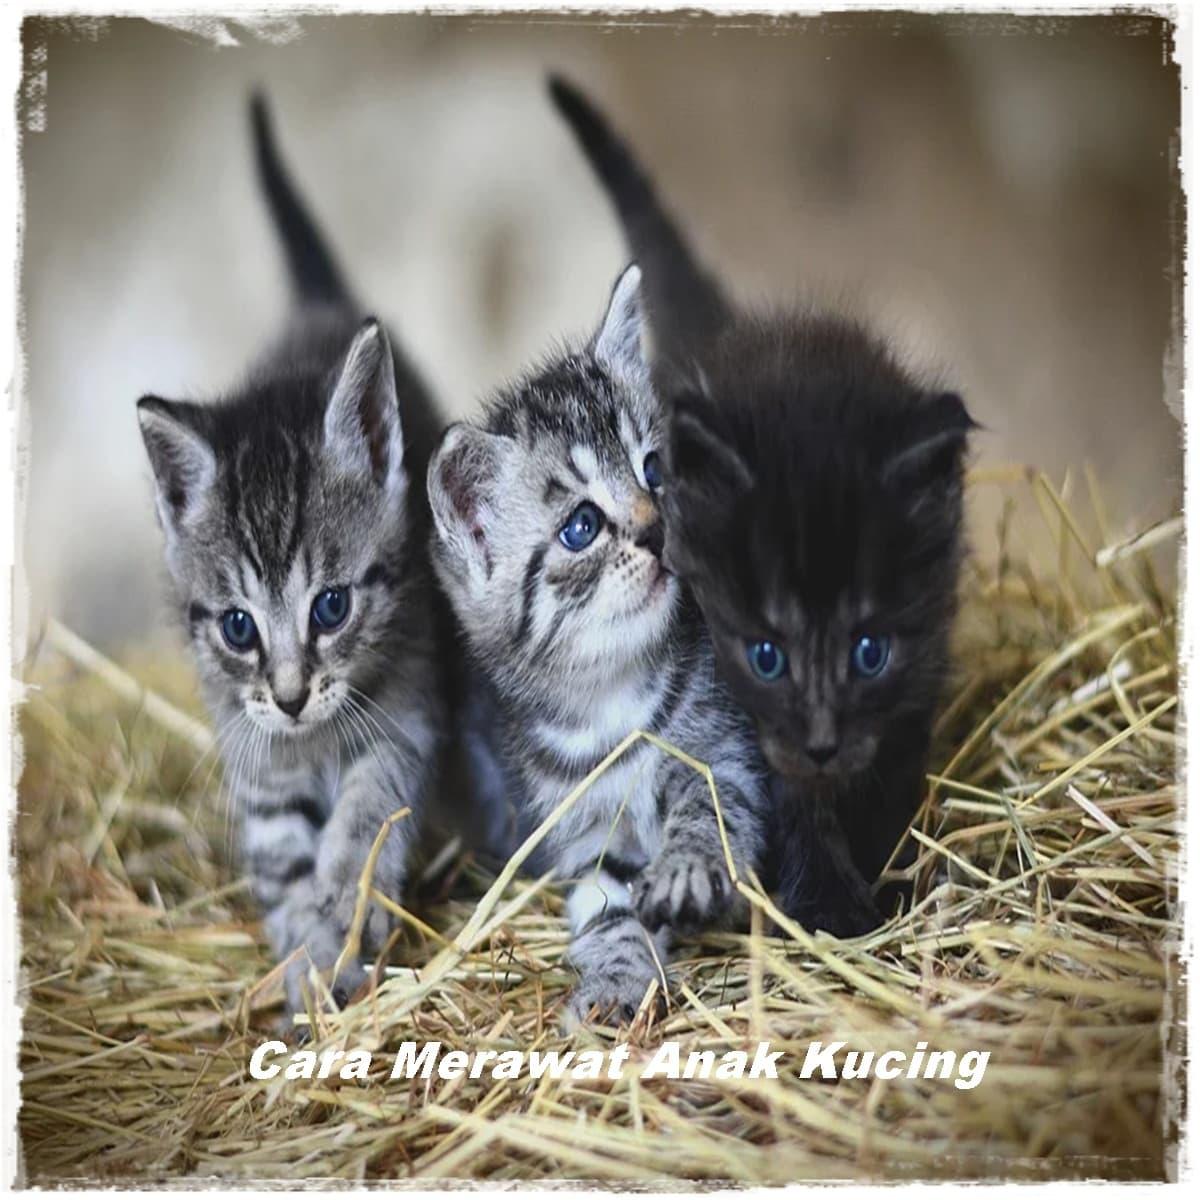 Cara Merawat Anak Kucing yang Baru Lahir Agar Tidak Mati